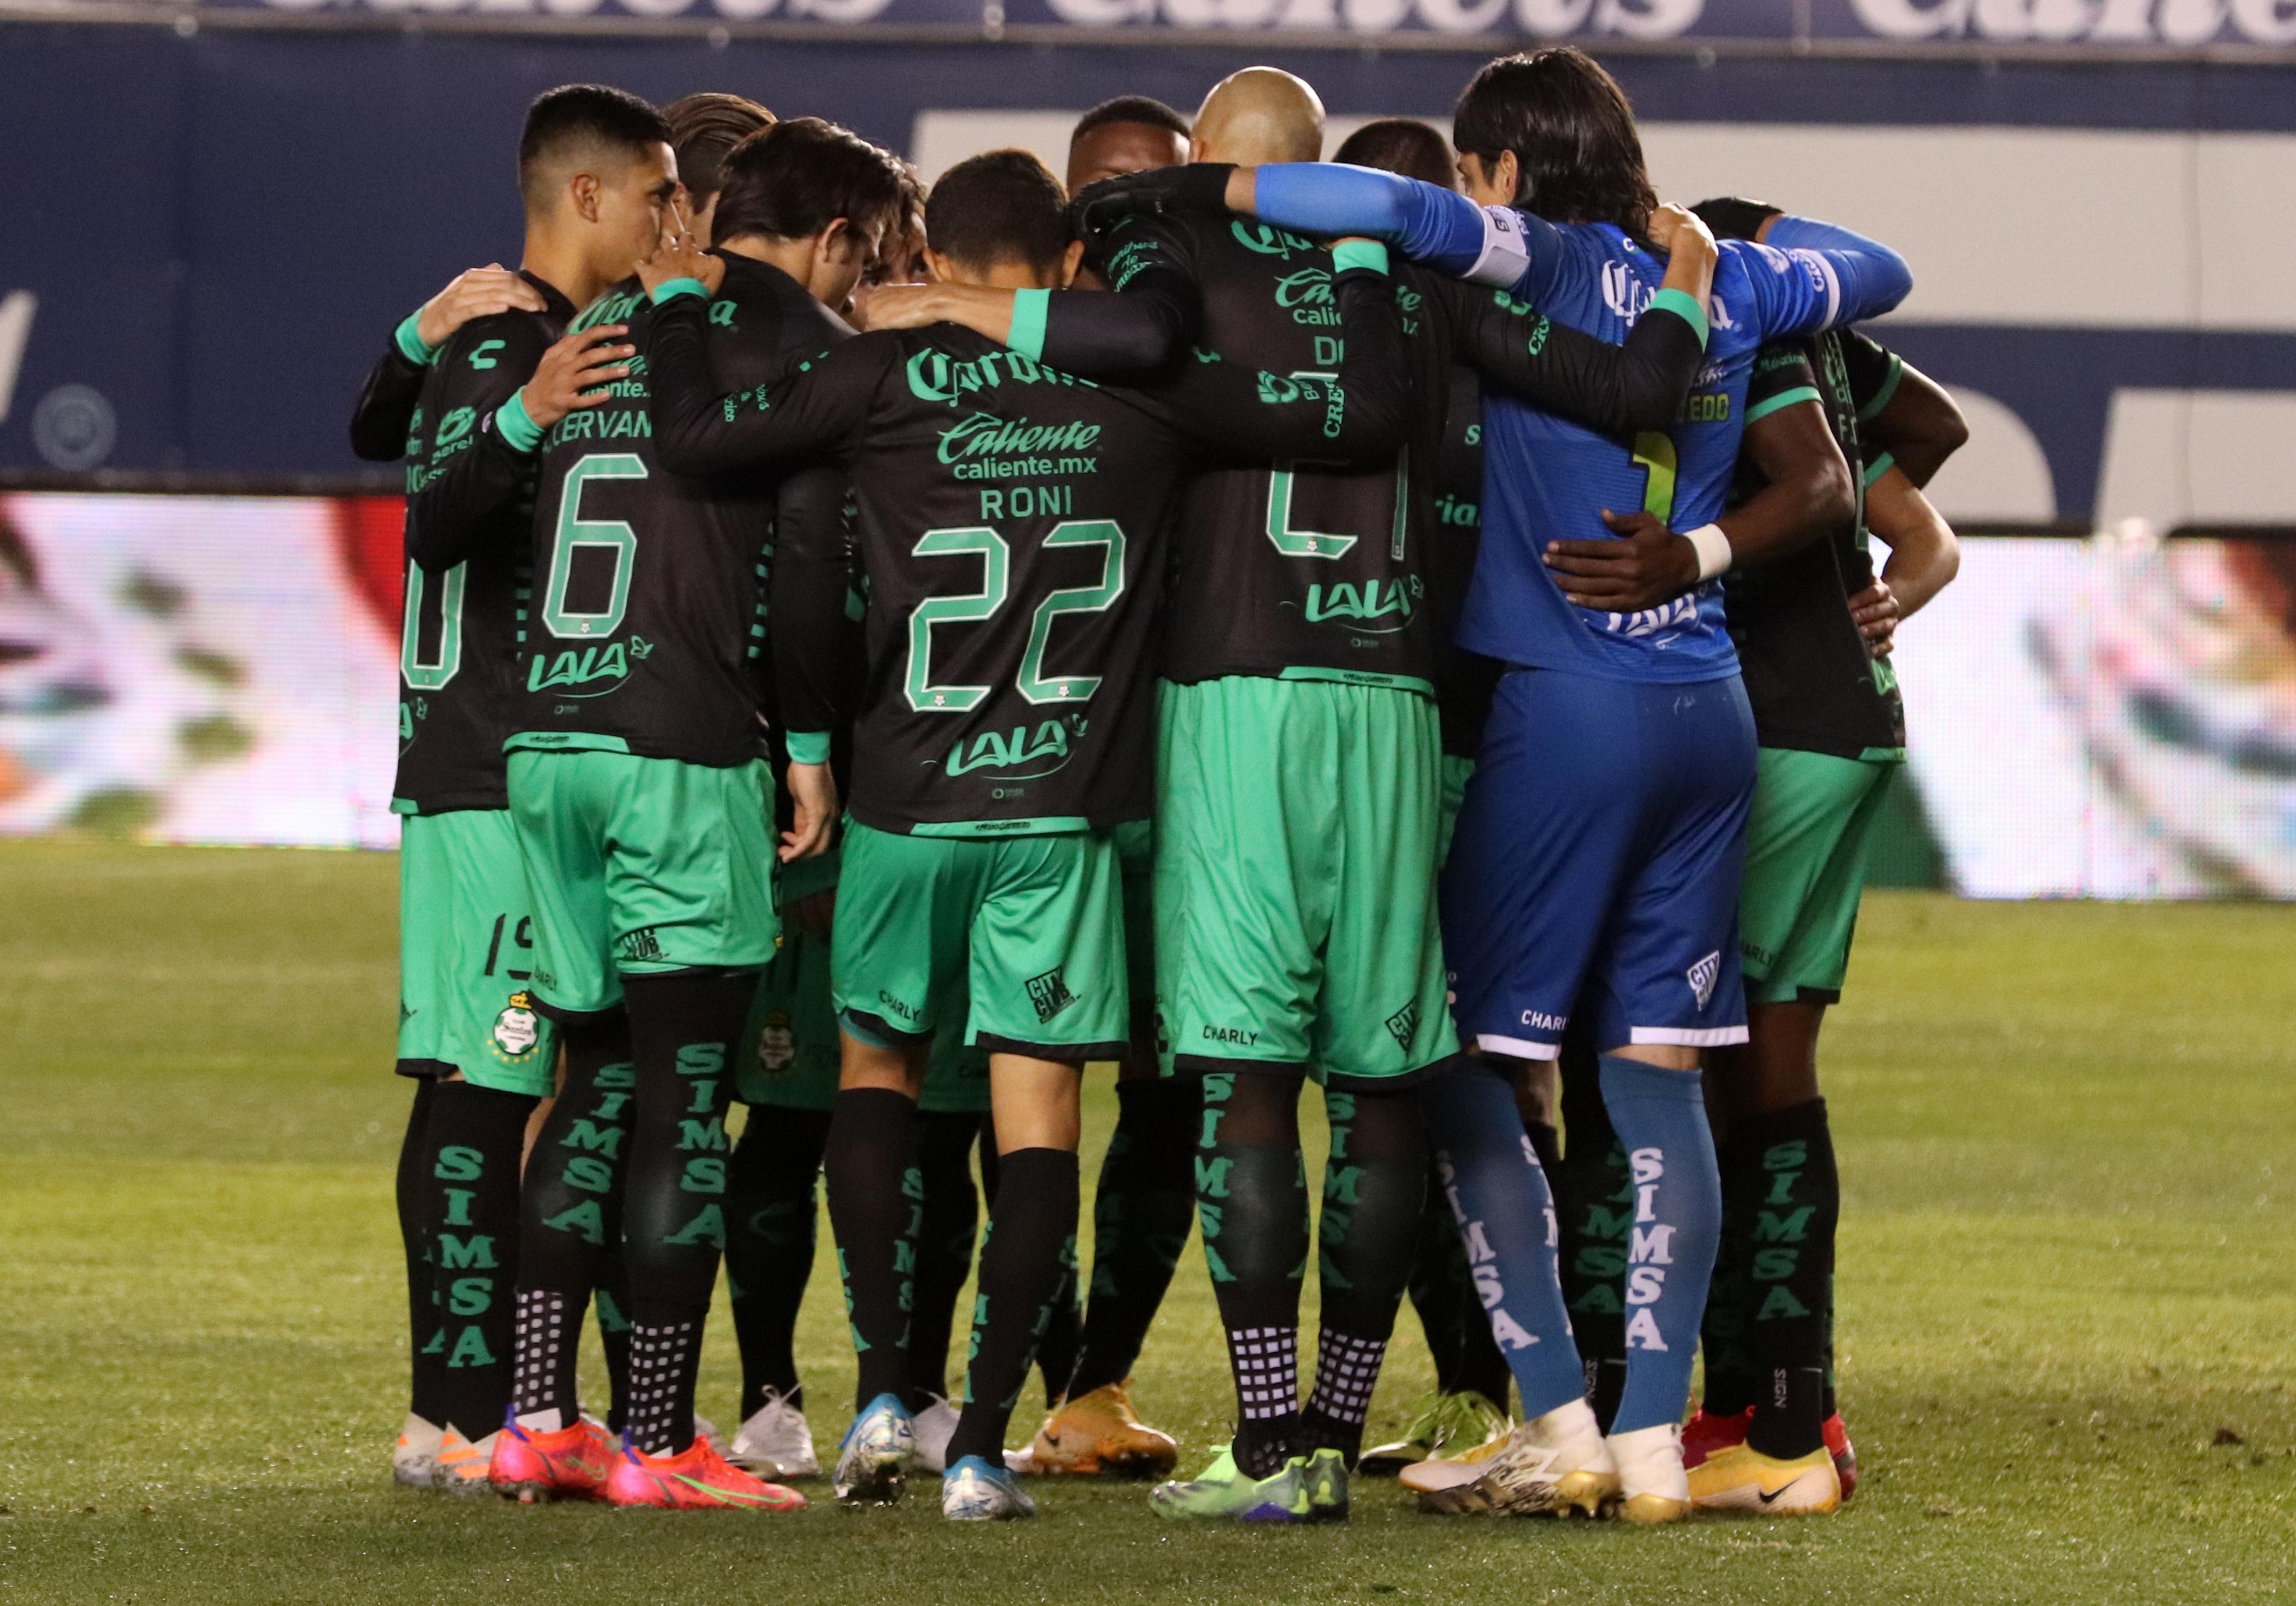 El ecuatoriano denunció que fue víctima de insultos racistas por parte de jugadores del Atlético de San Luis